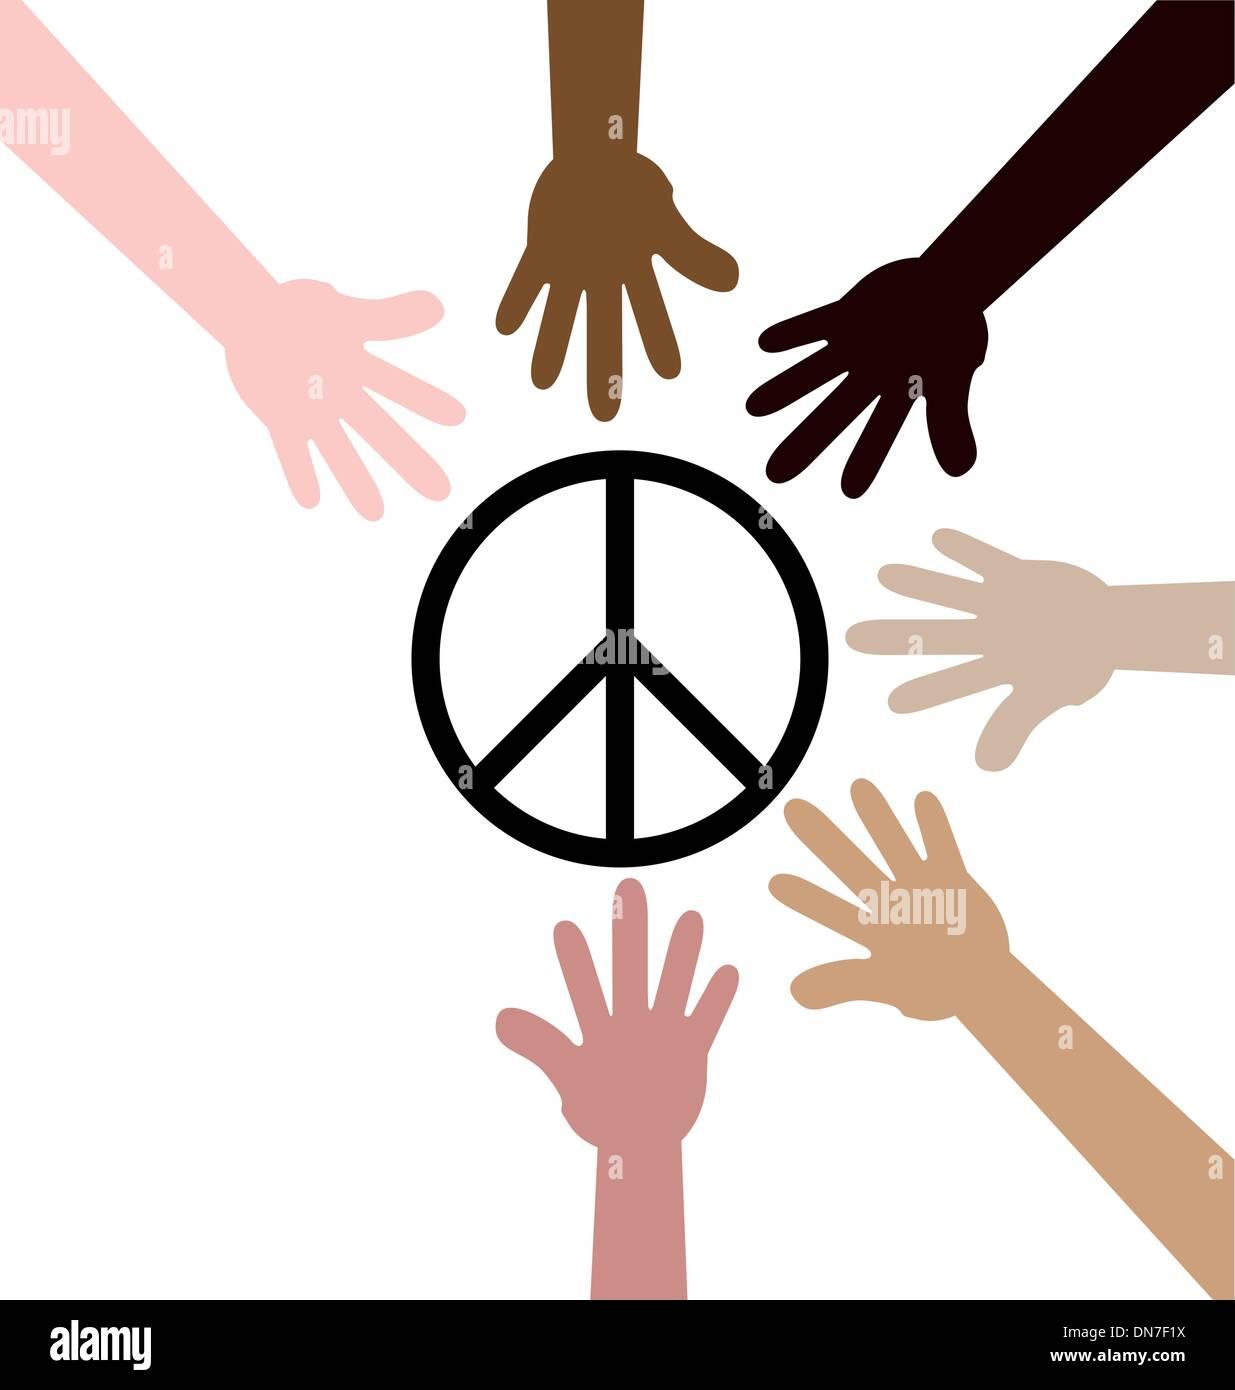 Multicolor Diversity Hands Symbol Stock Photos Multicolor